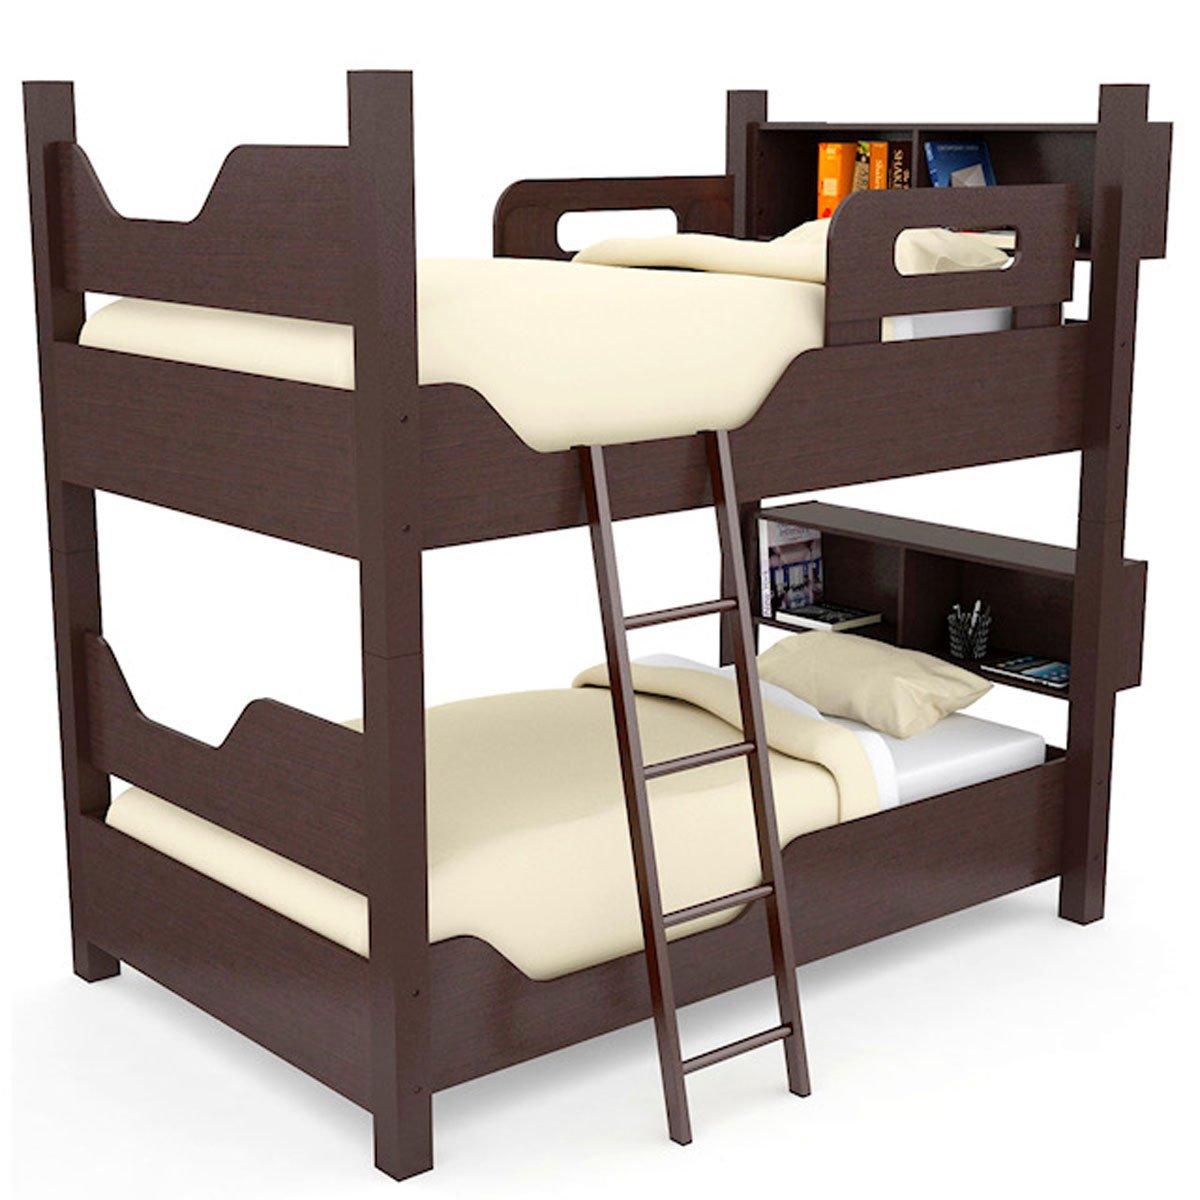 Litera escada con 2 camas individuales gemelas sears com - Precios de literas para ninos ...